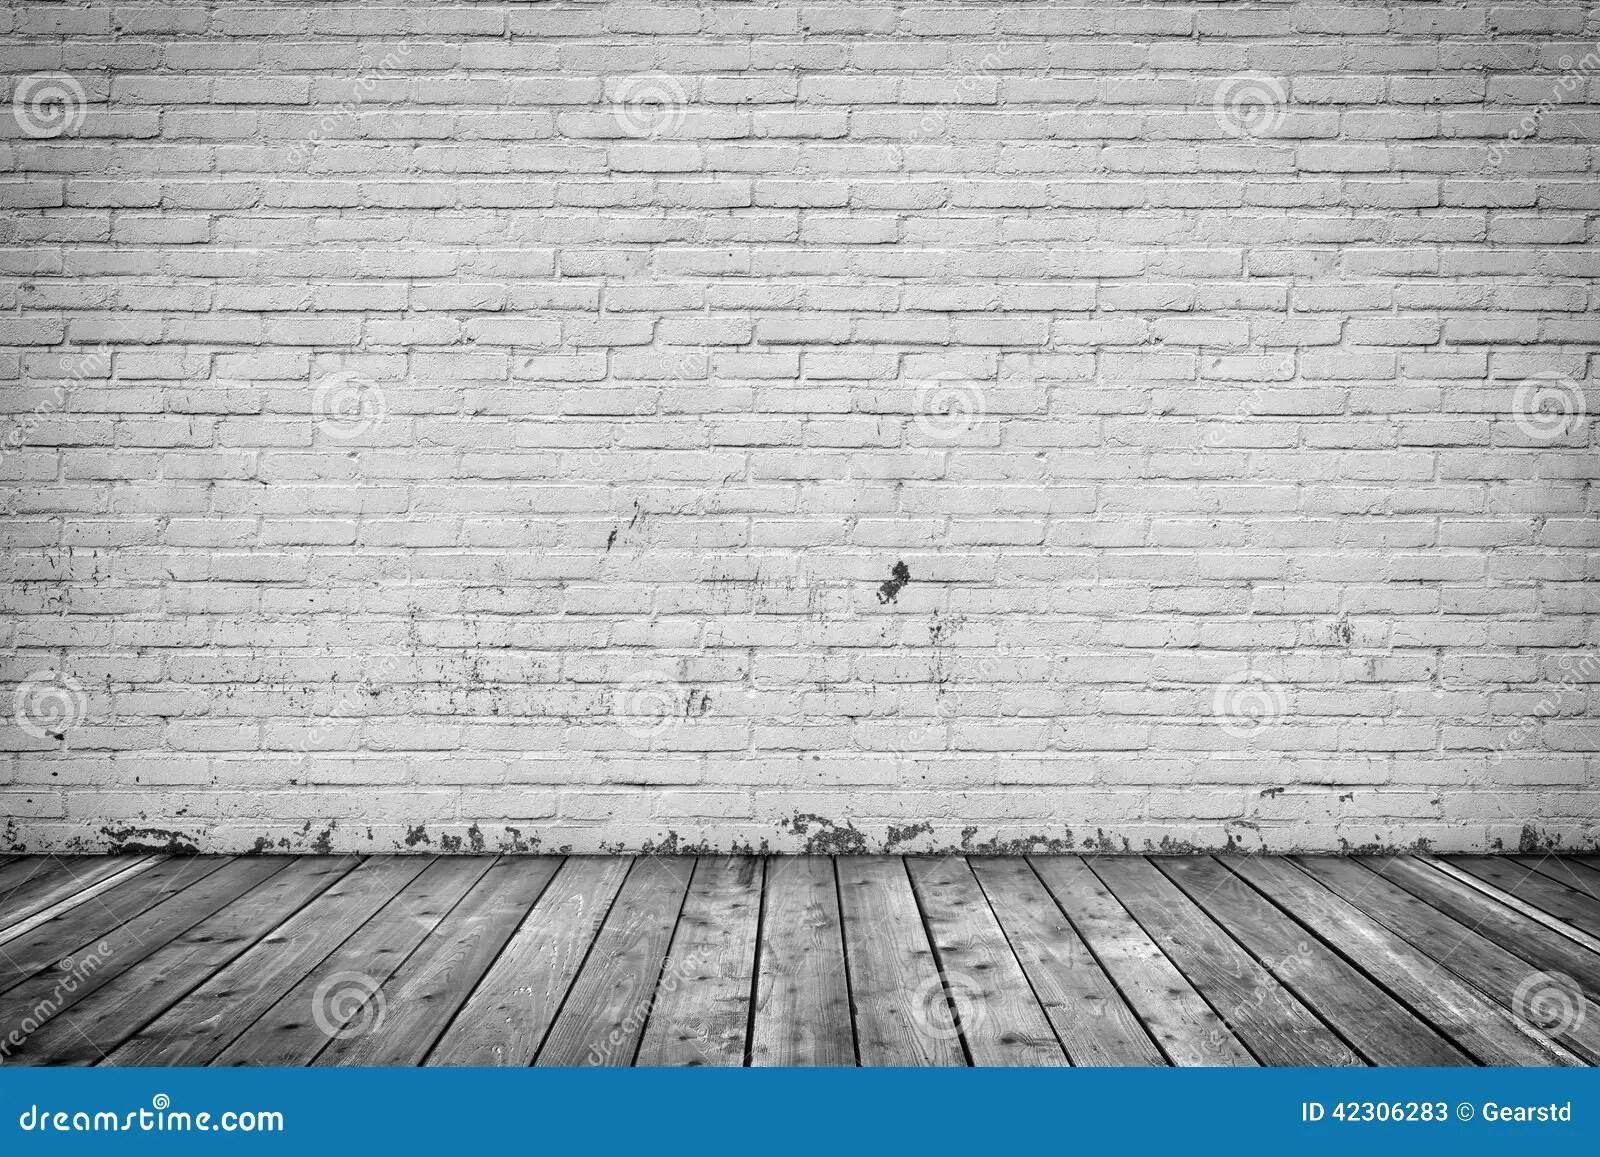 3d Brick Wallpaper For Walls Interior Del Fondo Piso Del Muro De Cemento Y De Madera